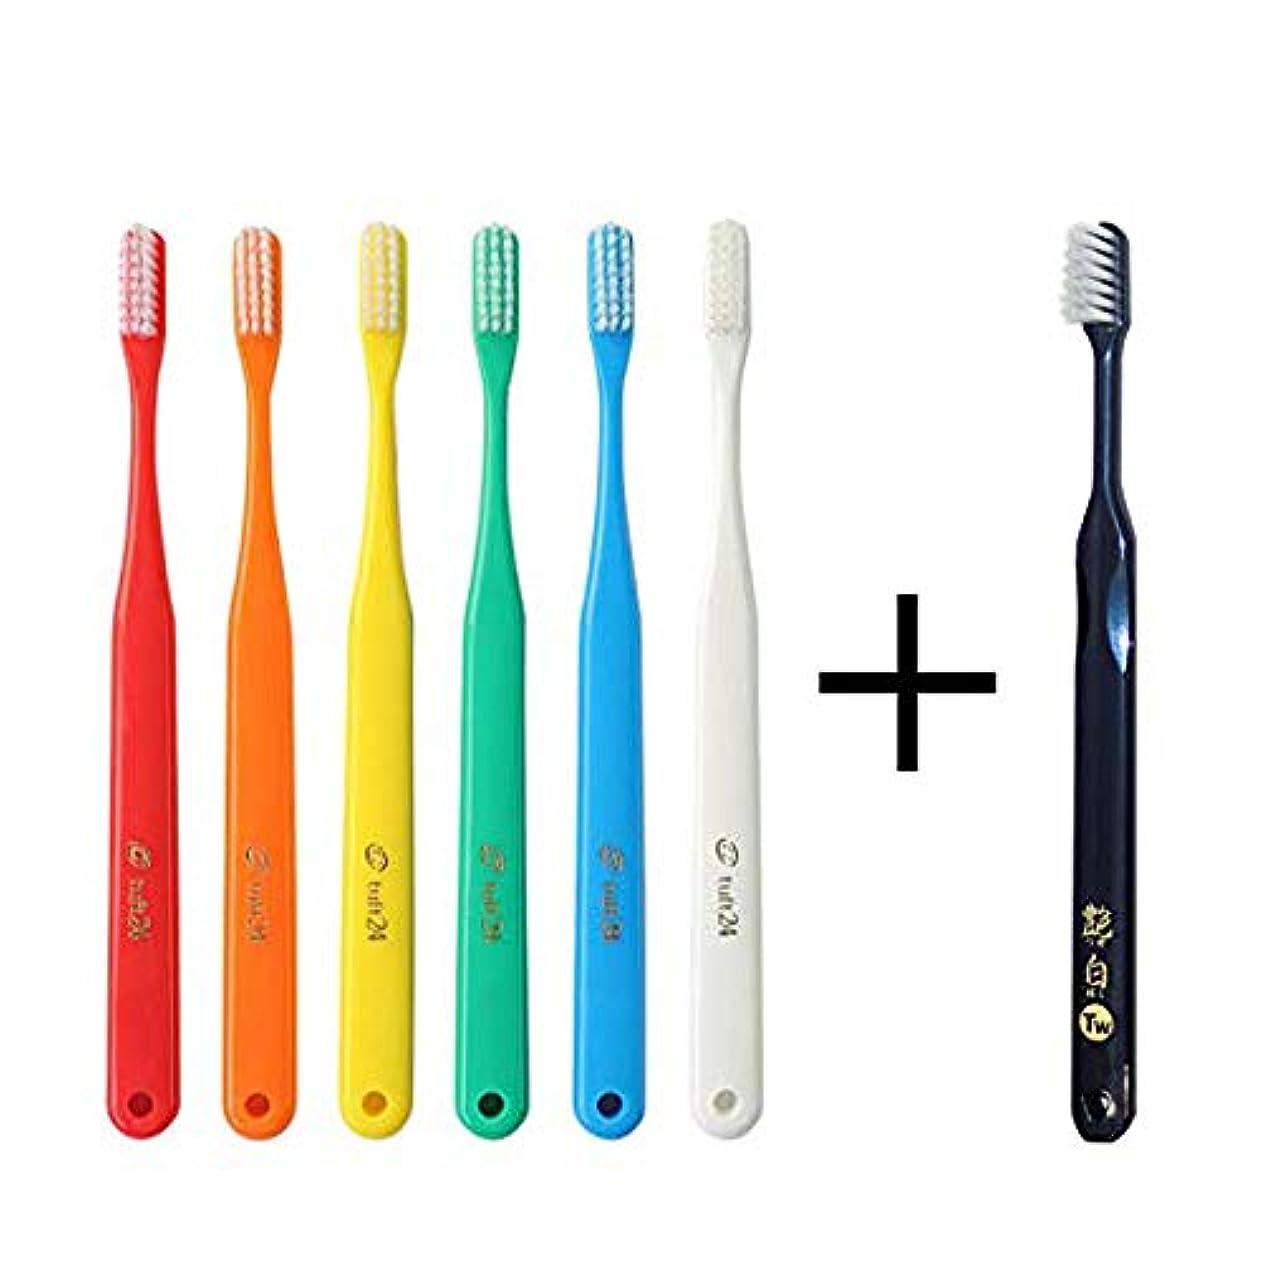 牛洗練された警告タフト24 歯ブラシ × 10本 (MS) キャップなし + 艶白ツイン ハブラシ (MS やややわらかめ)×1本 むし歯予防 歯科専売品